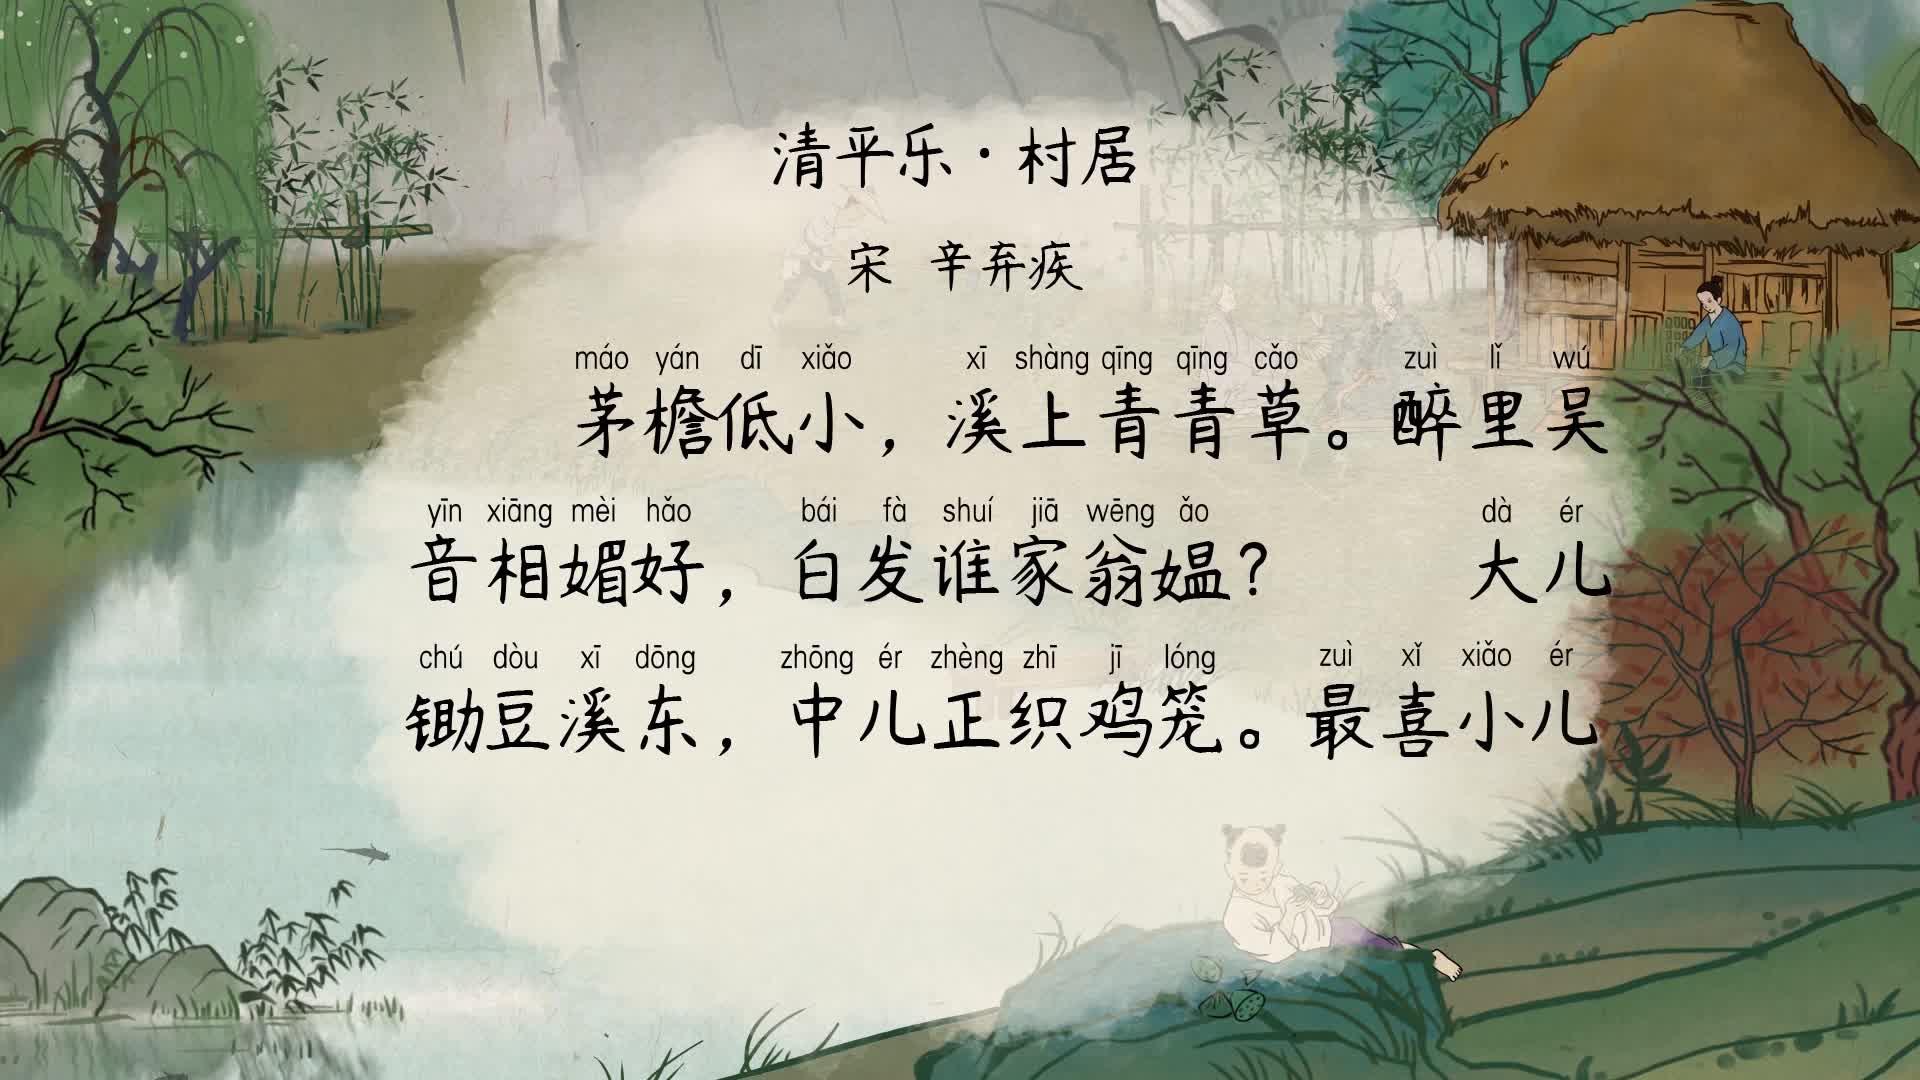 《小学古诗》58清平乐村居-宋 辛弃疾